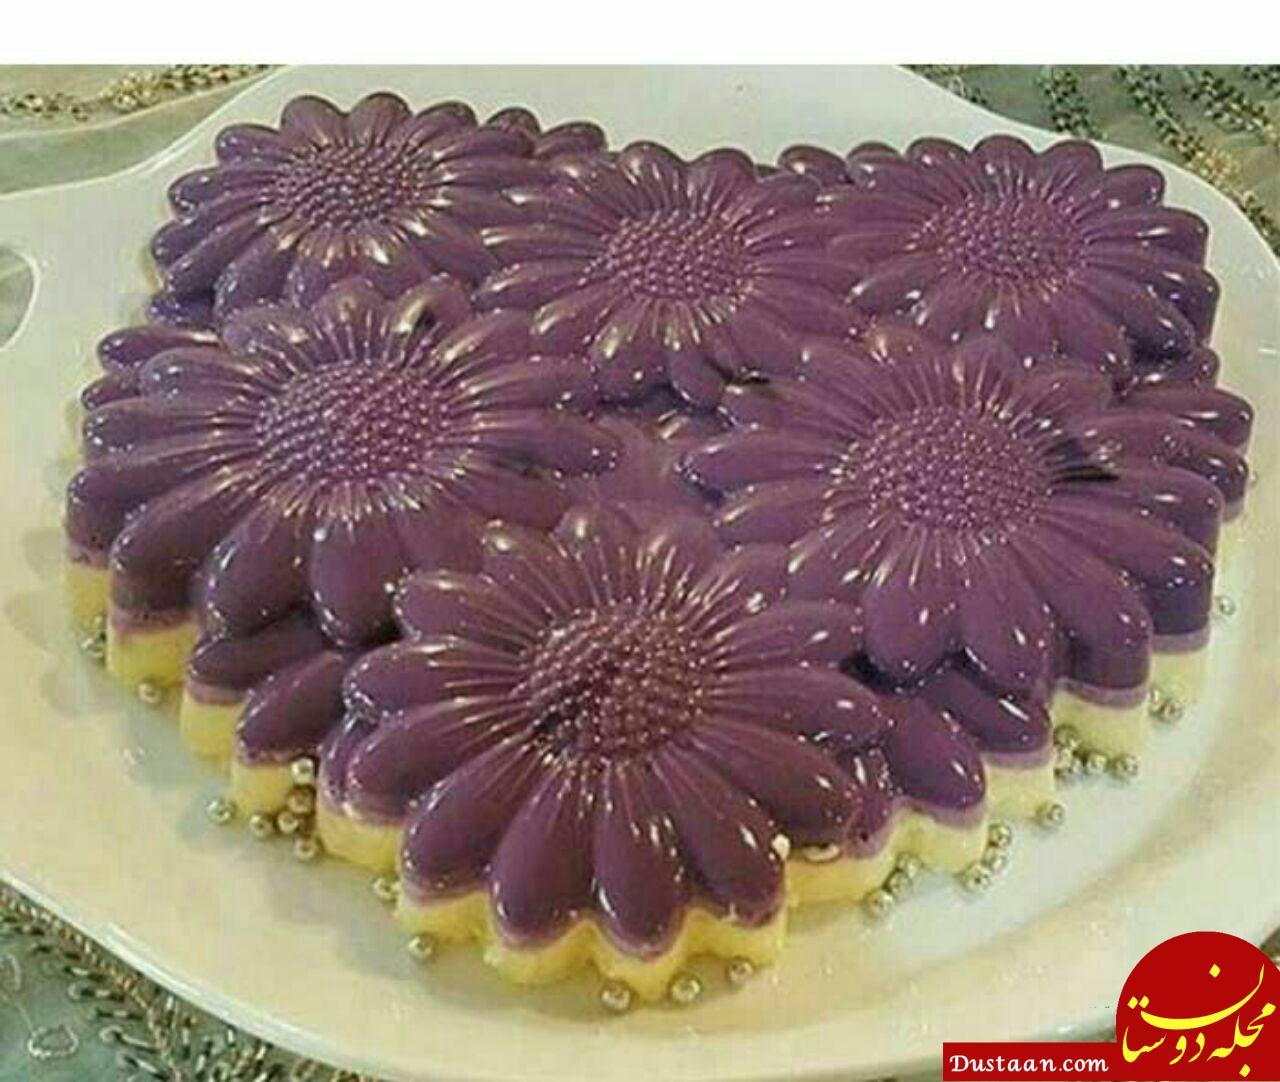 www.dustaan.com طرز تهیه دسر باواریا به سبکی خوشمزه